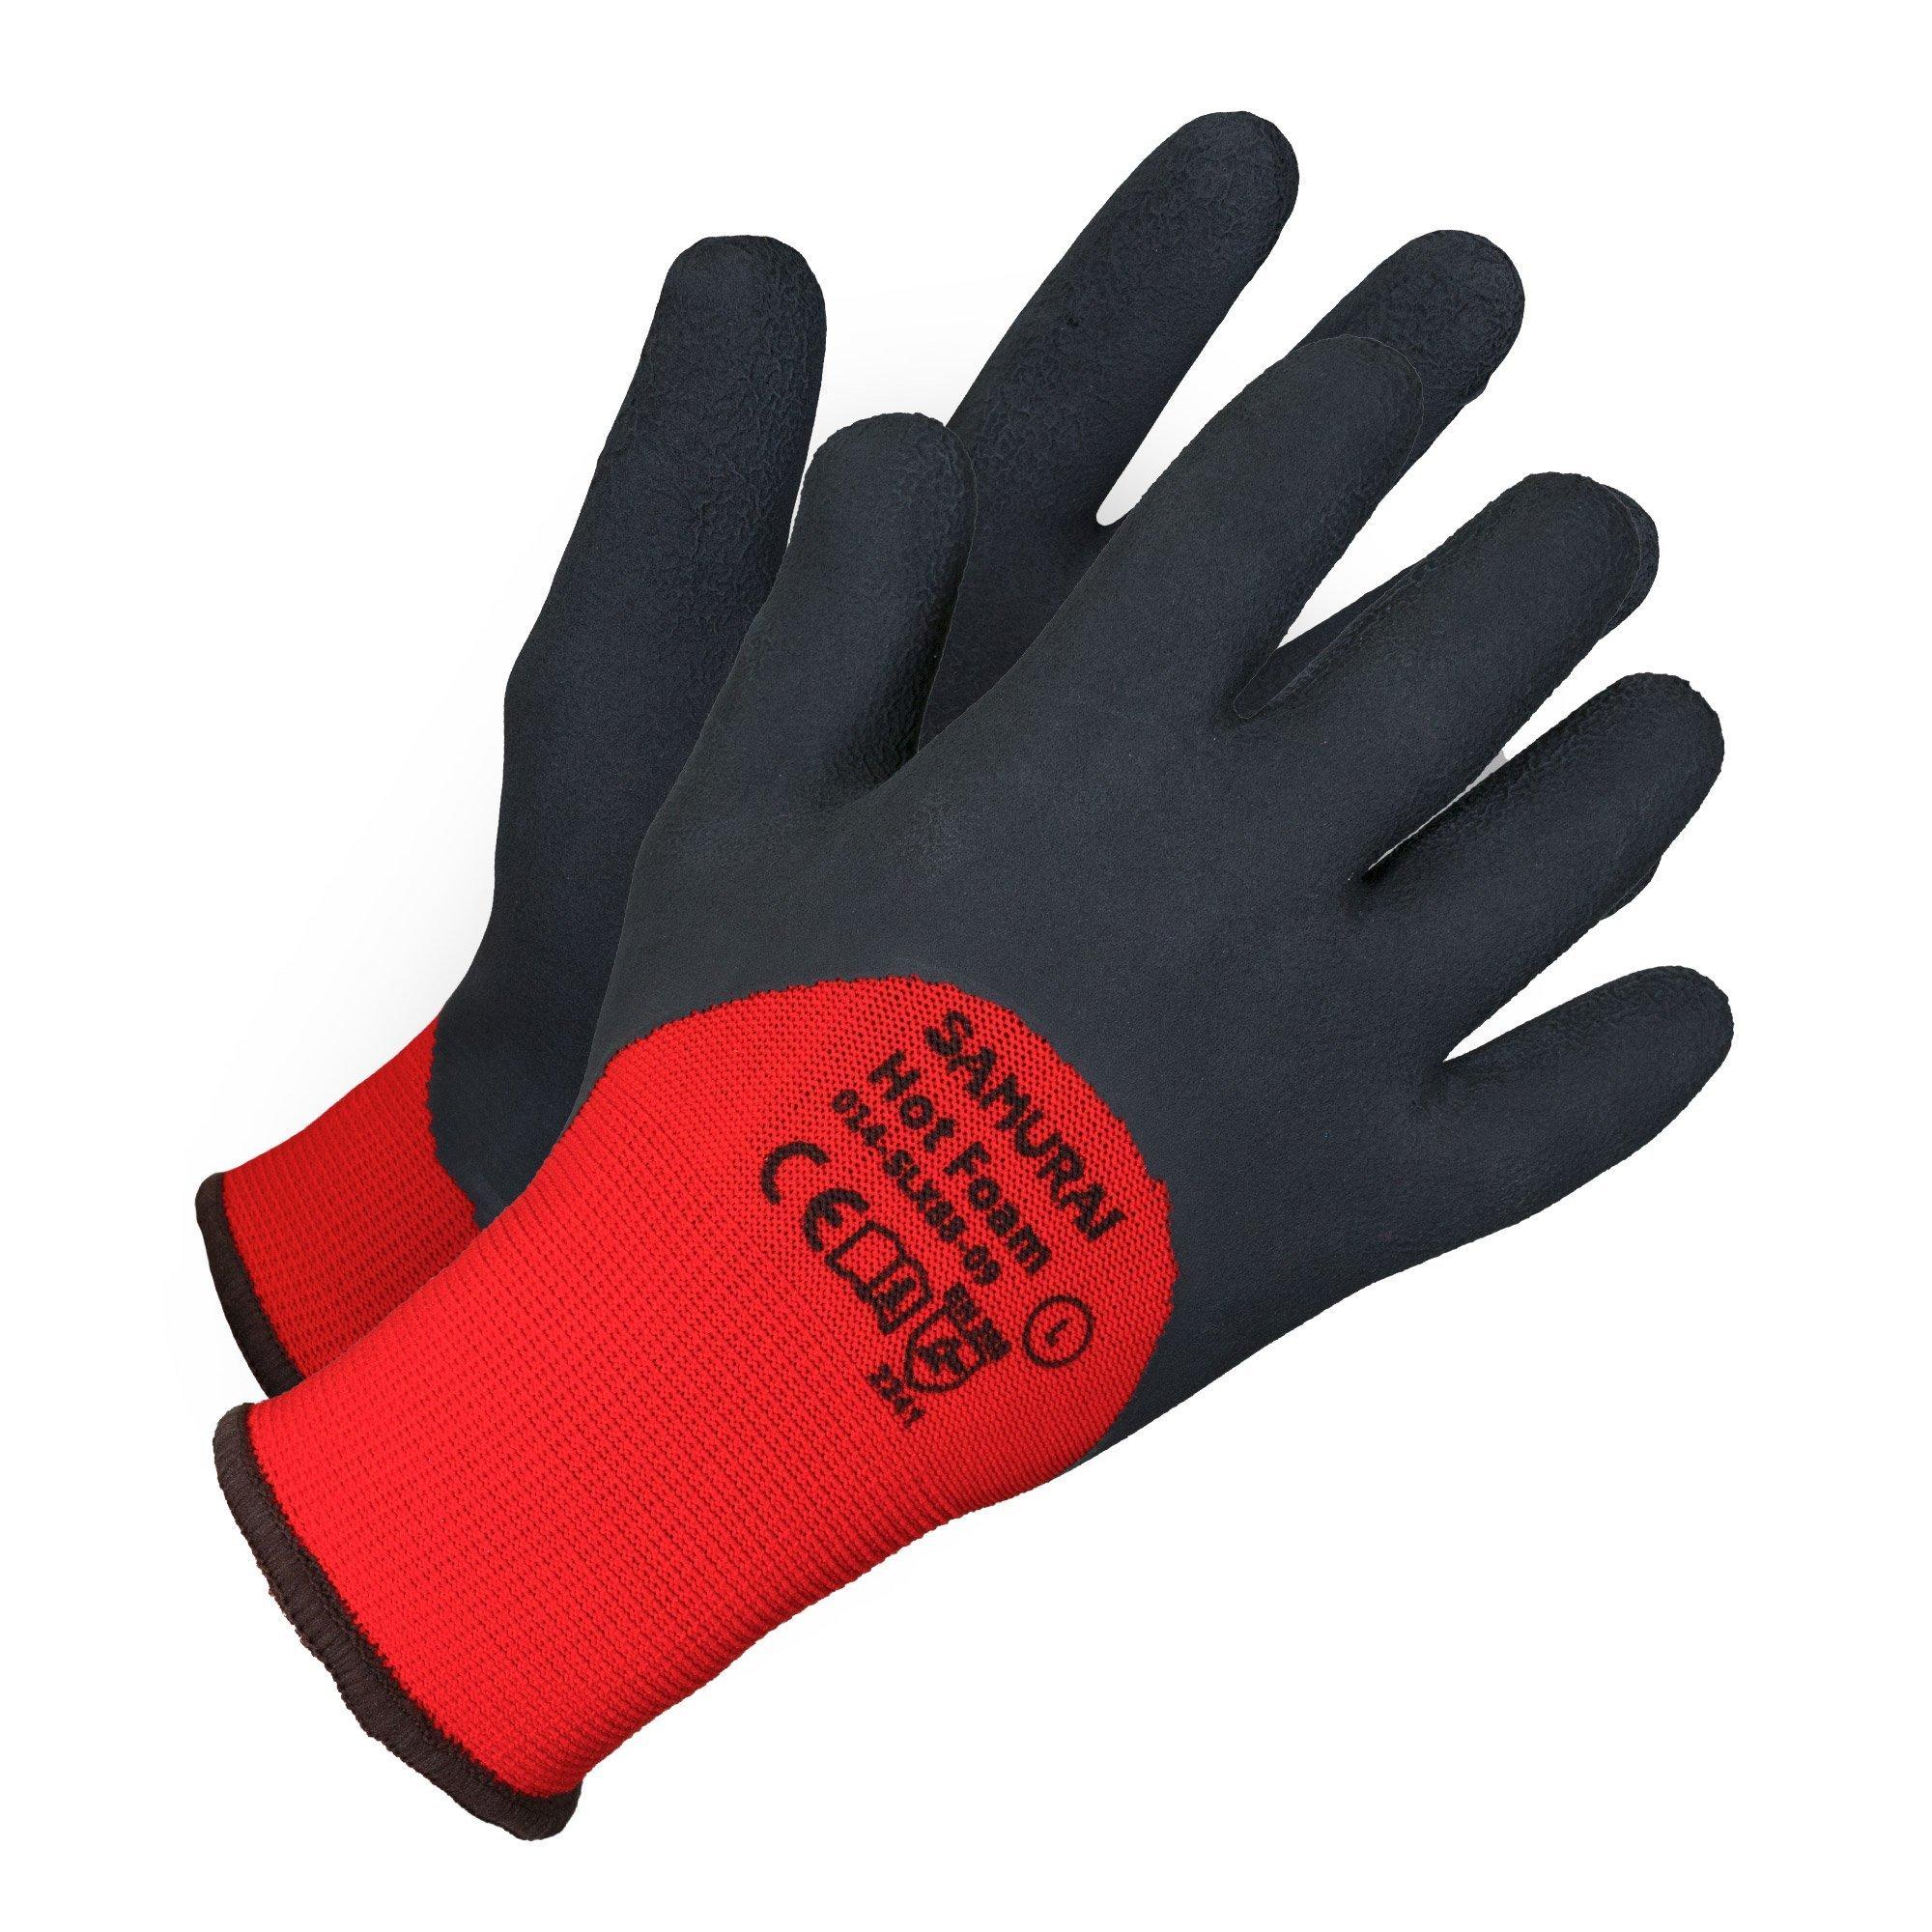 Gloves - Samurai Hot Foam High Dexterity Insulated Work Glove - Red - XL